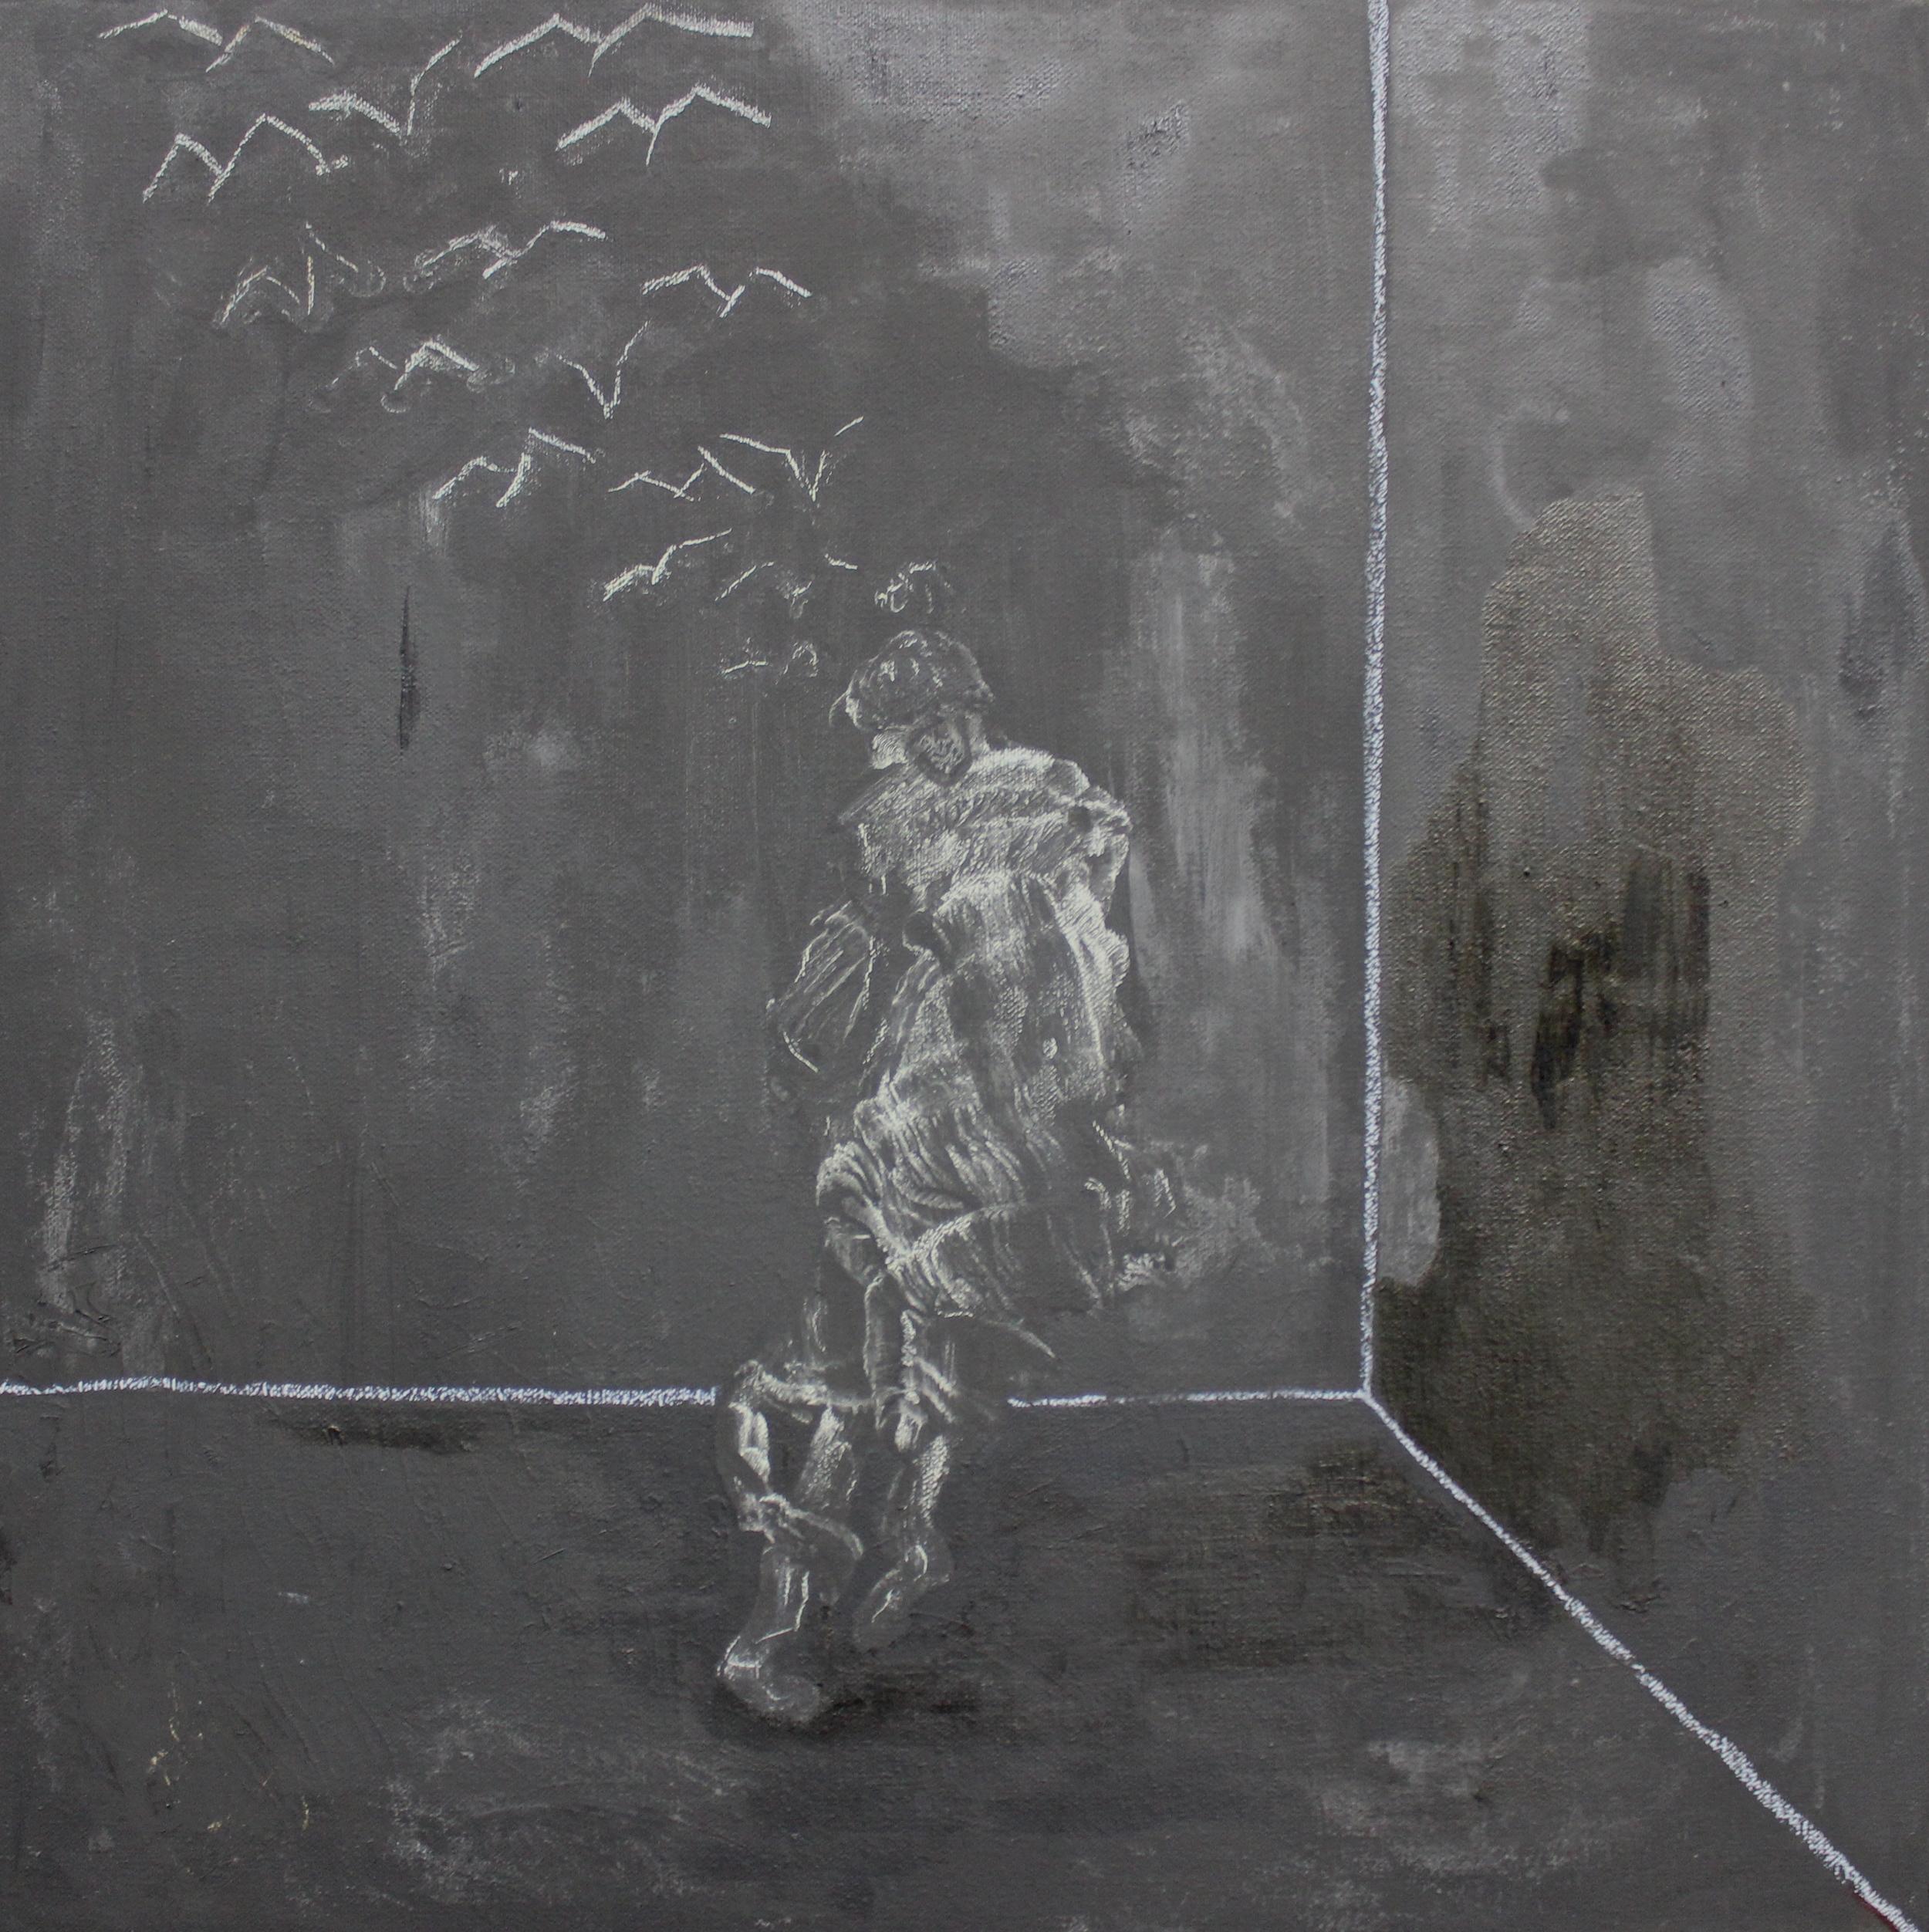 Madness.Detail.MichaelburrisJohnson.JPG